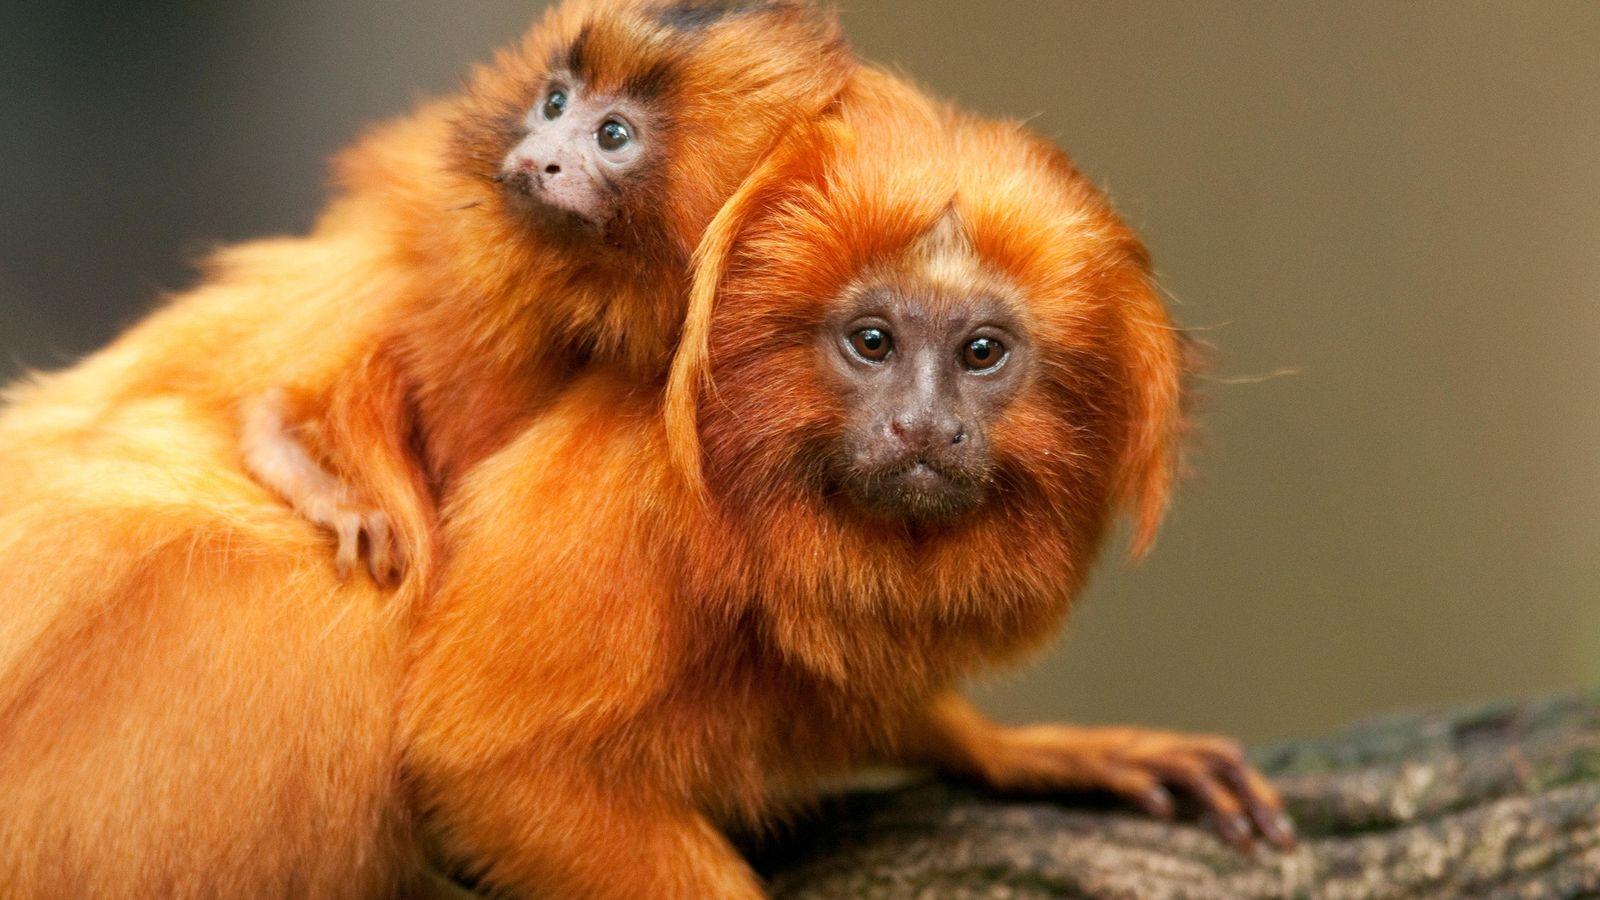 Micos-leões-dourados  Esses pais são conhecidos por literalmente levarem suas crias nas costas, frequentemente carregando-as pelas florestas tropicais ...